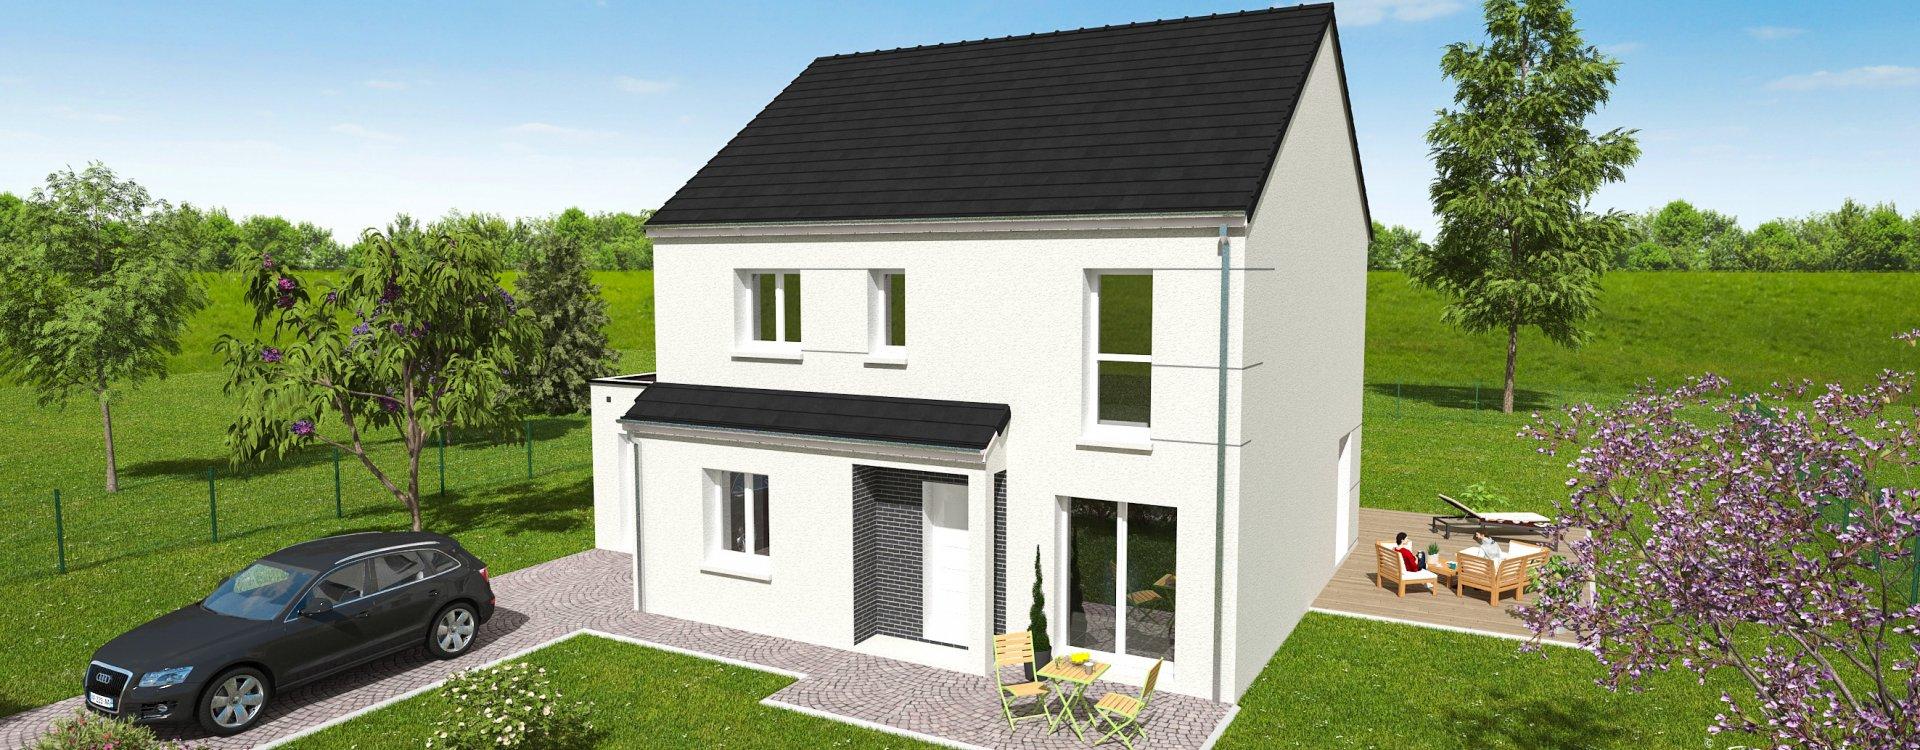 Maisons + Terrains du constructeur EASY HOUSE • 132 m² • ASCHERES LE MARCHE